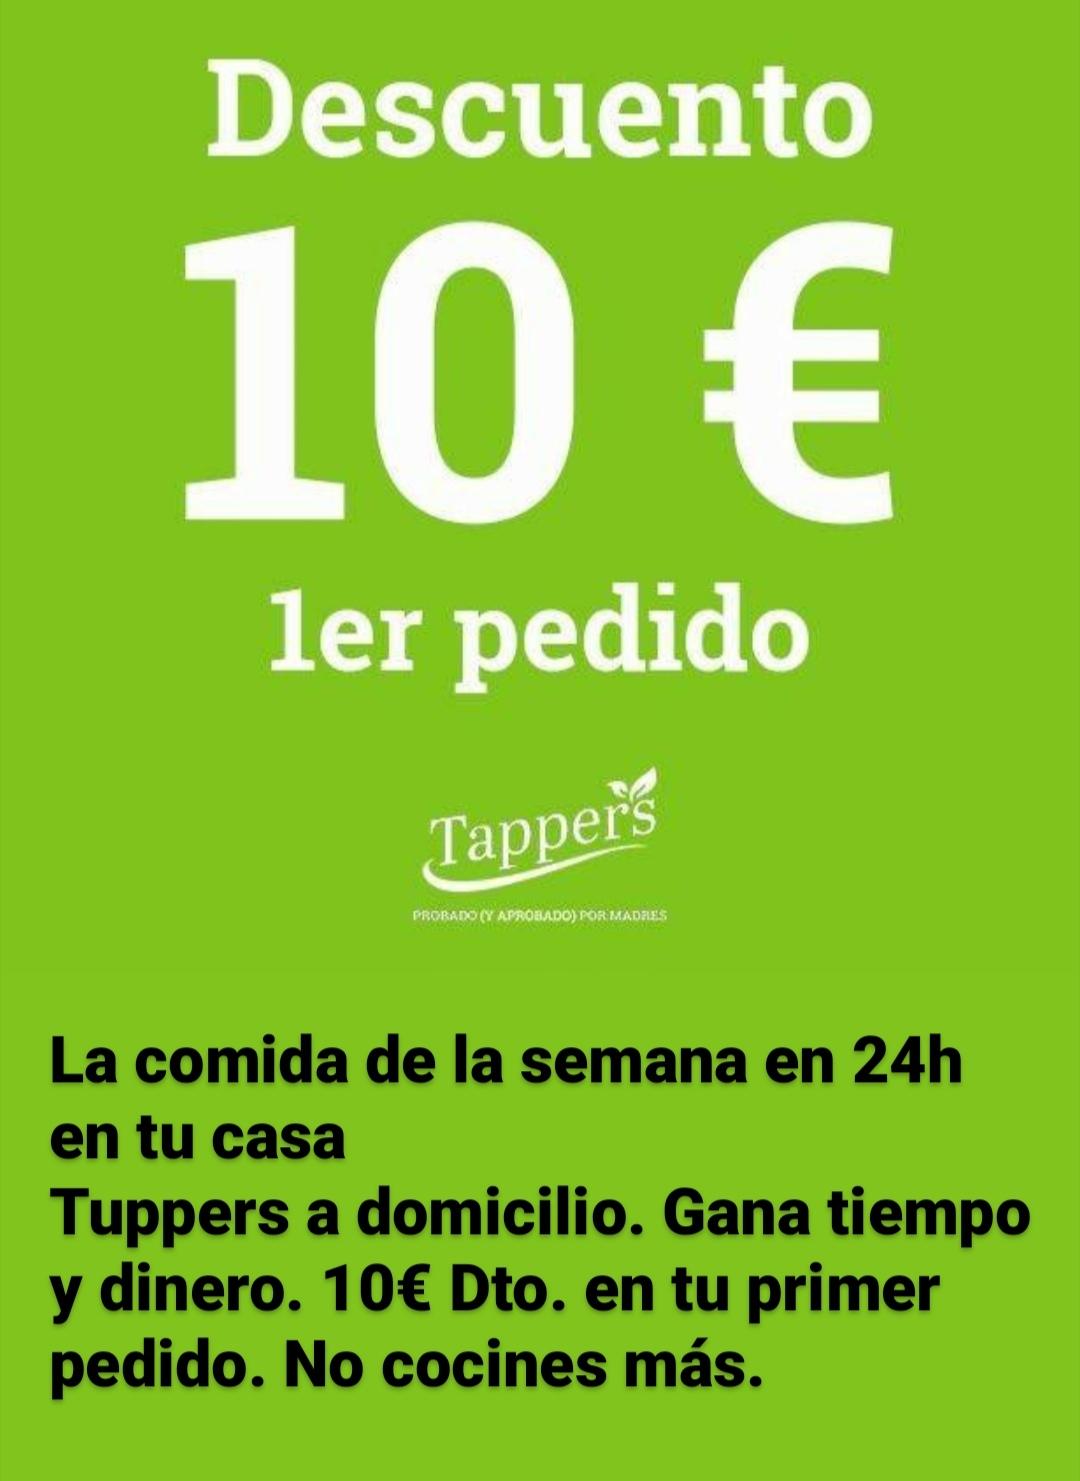 10€ de descuento en comida preparada por suscribirte a la newsletter (tappers)